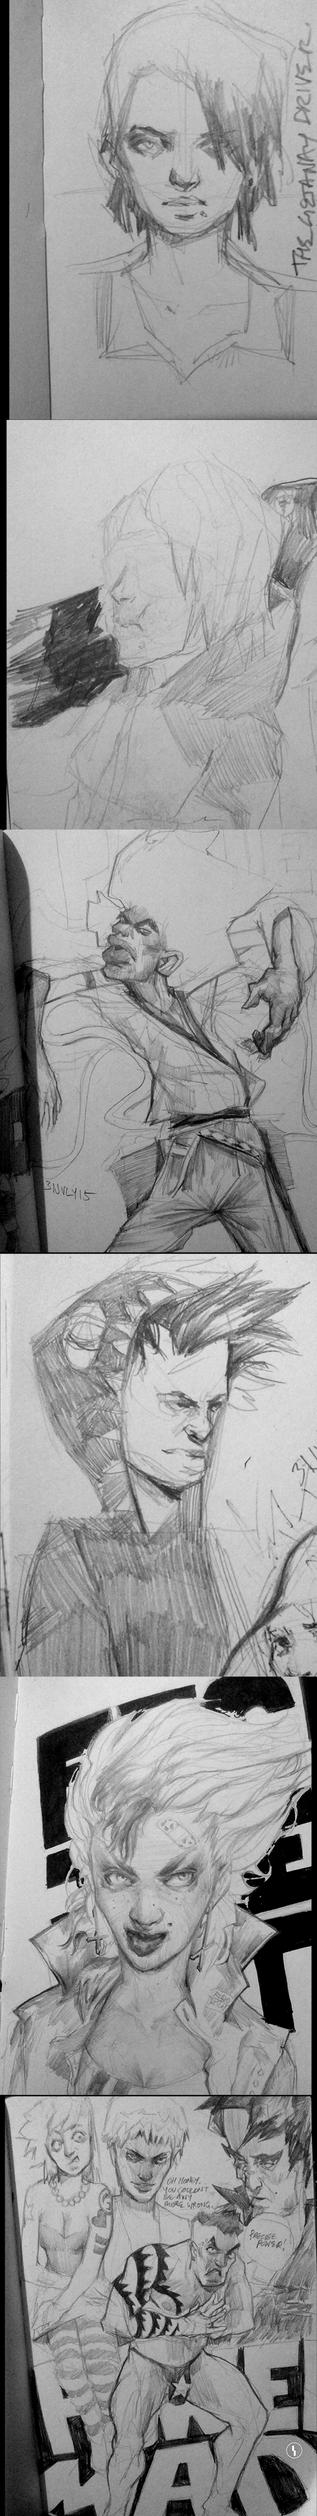 (little) sketch dump 01 by smrrfette